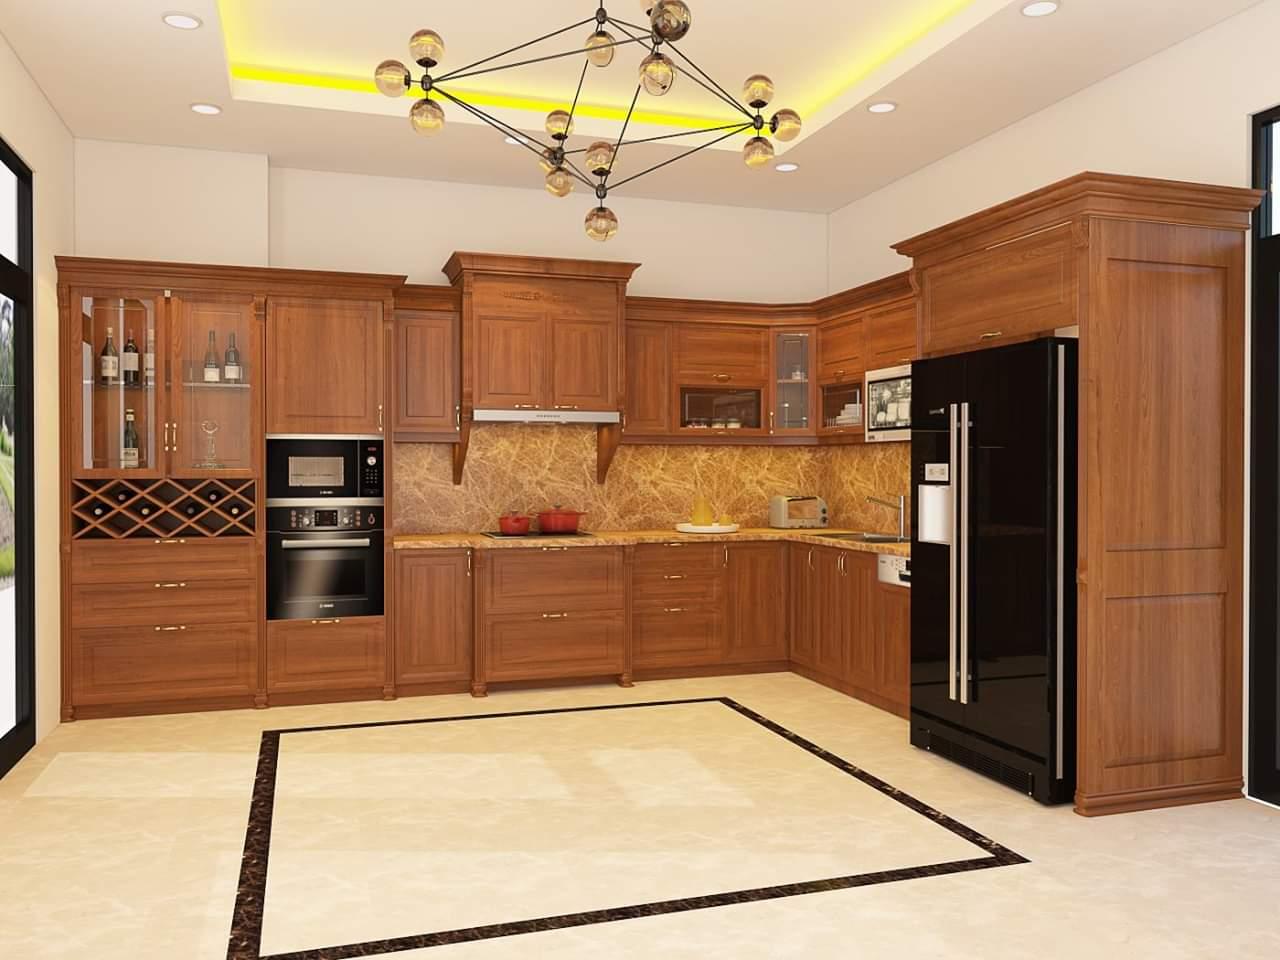 Thiết kế tủ bếp gỗ gõ đỏ tại Hà Nội